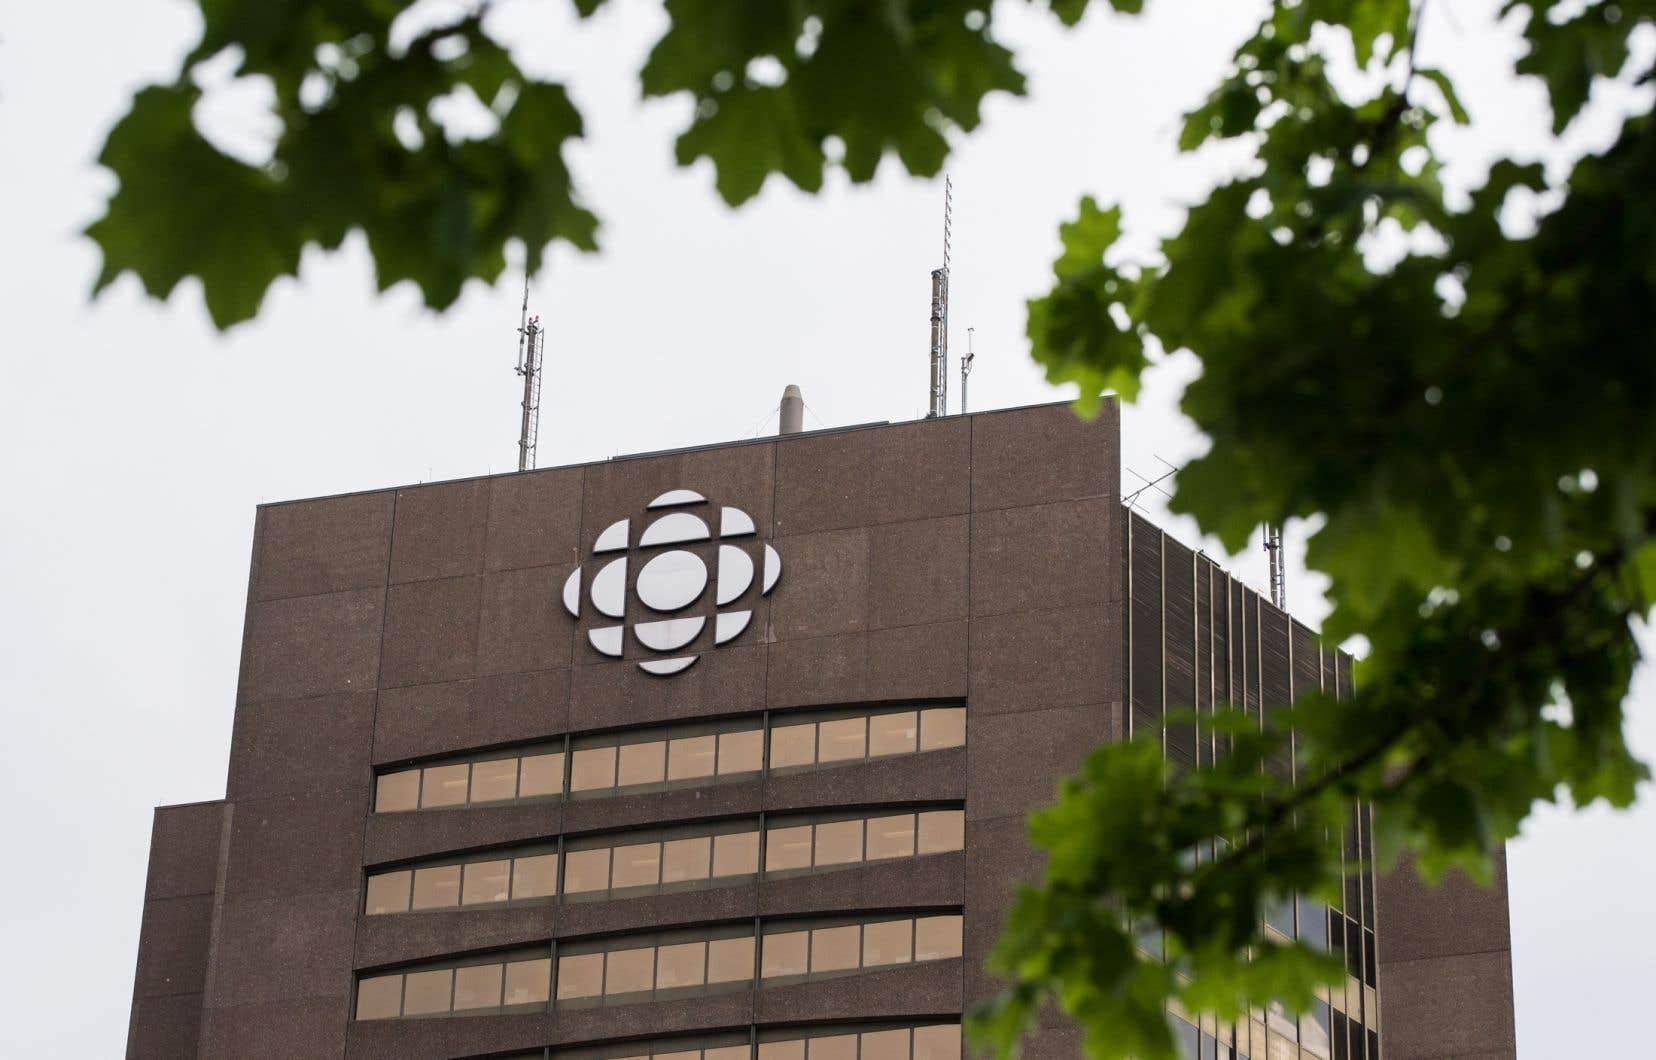 Pour la campagne électorale provinciale 2018, le traditionnel face à face organisé par Radio-Canada revêtira une nouvelle allure pour rejoindre un vaste public.